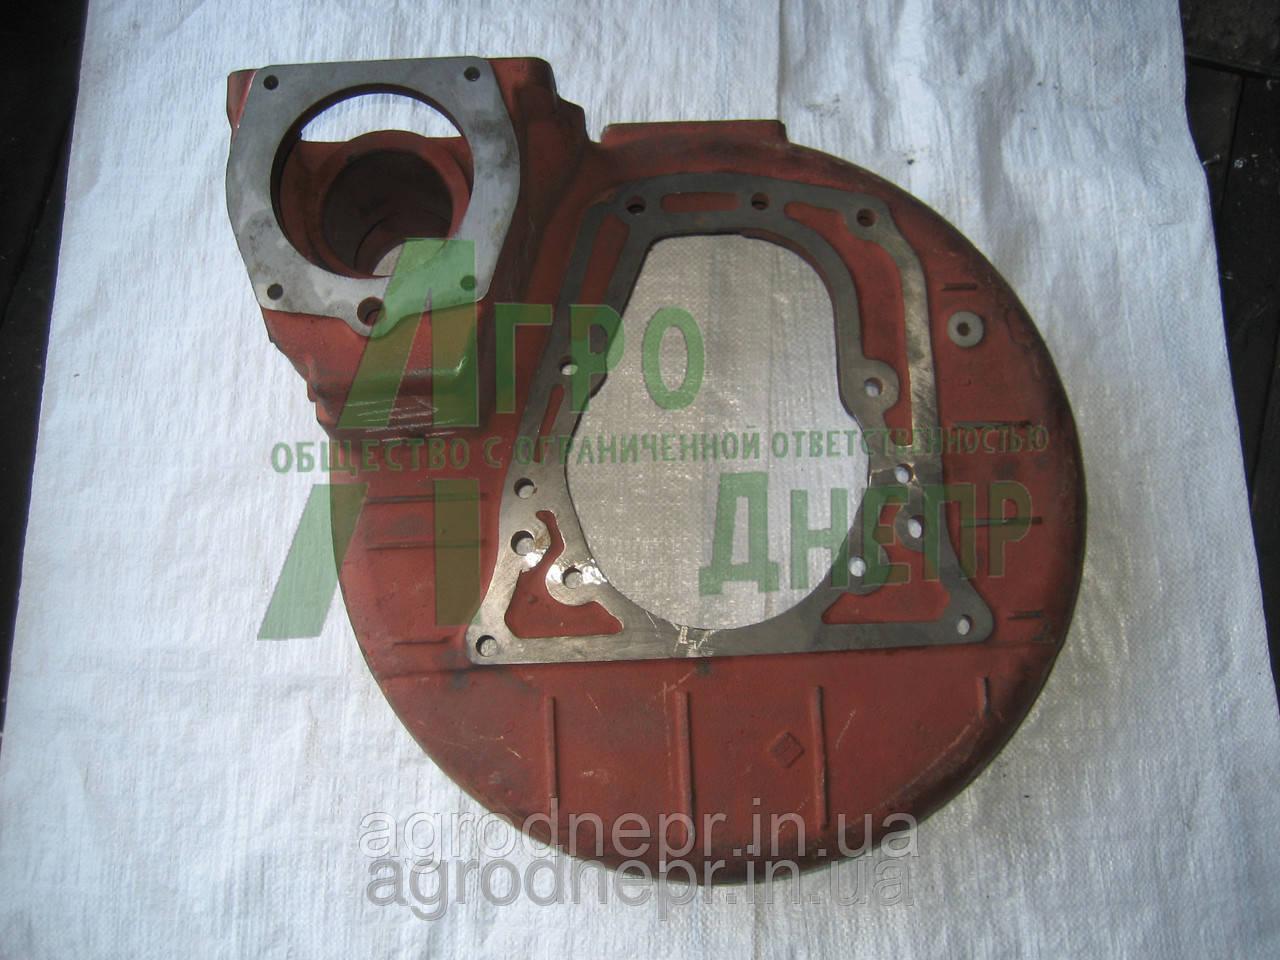 Картер маховика двигателя Д-65 под пусковой двигатель (регенерированый)  36-1002312-В2 Р ЮМЗ